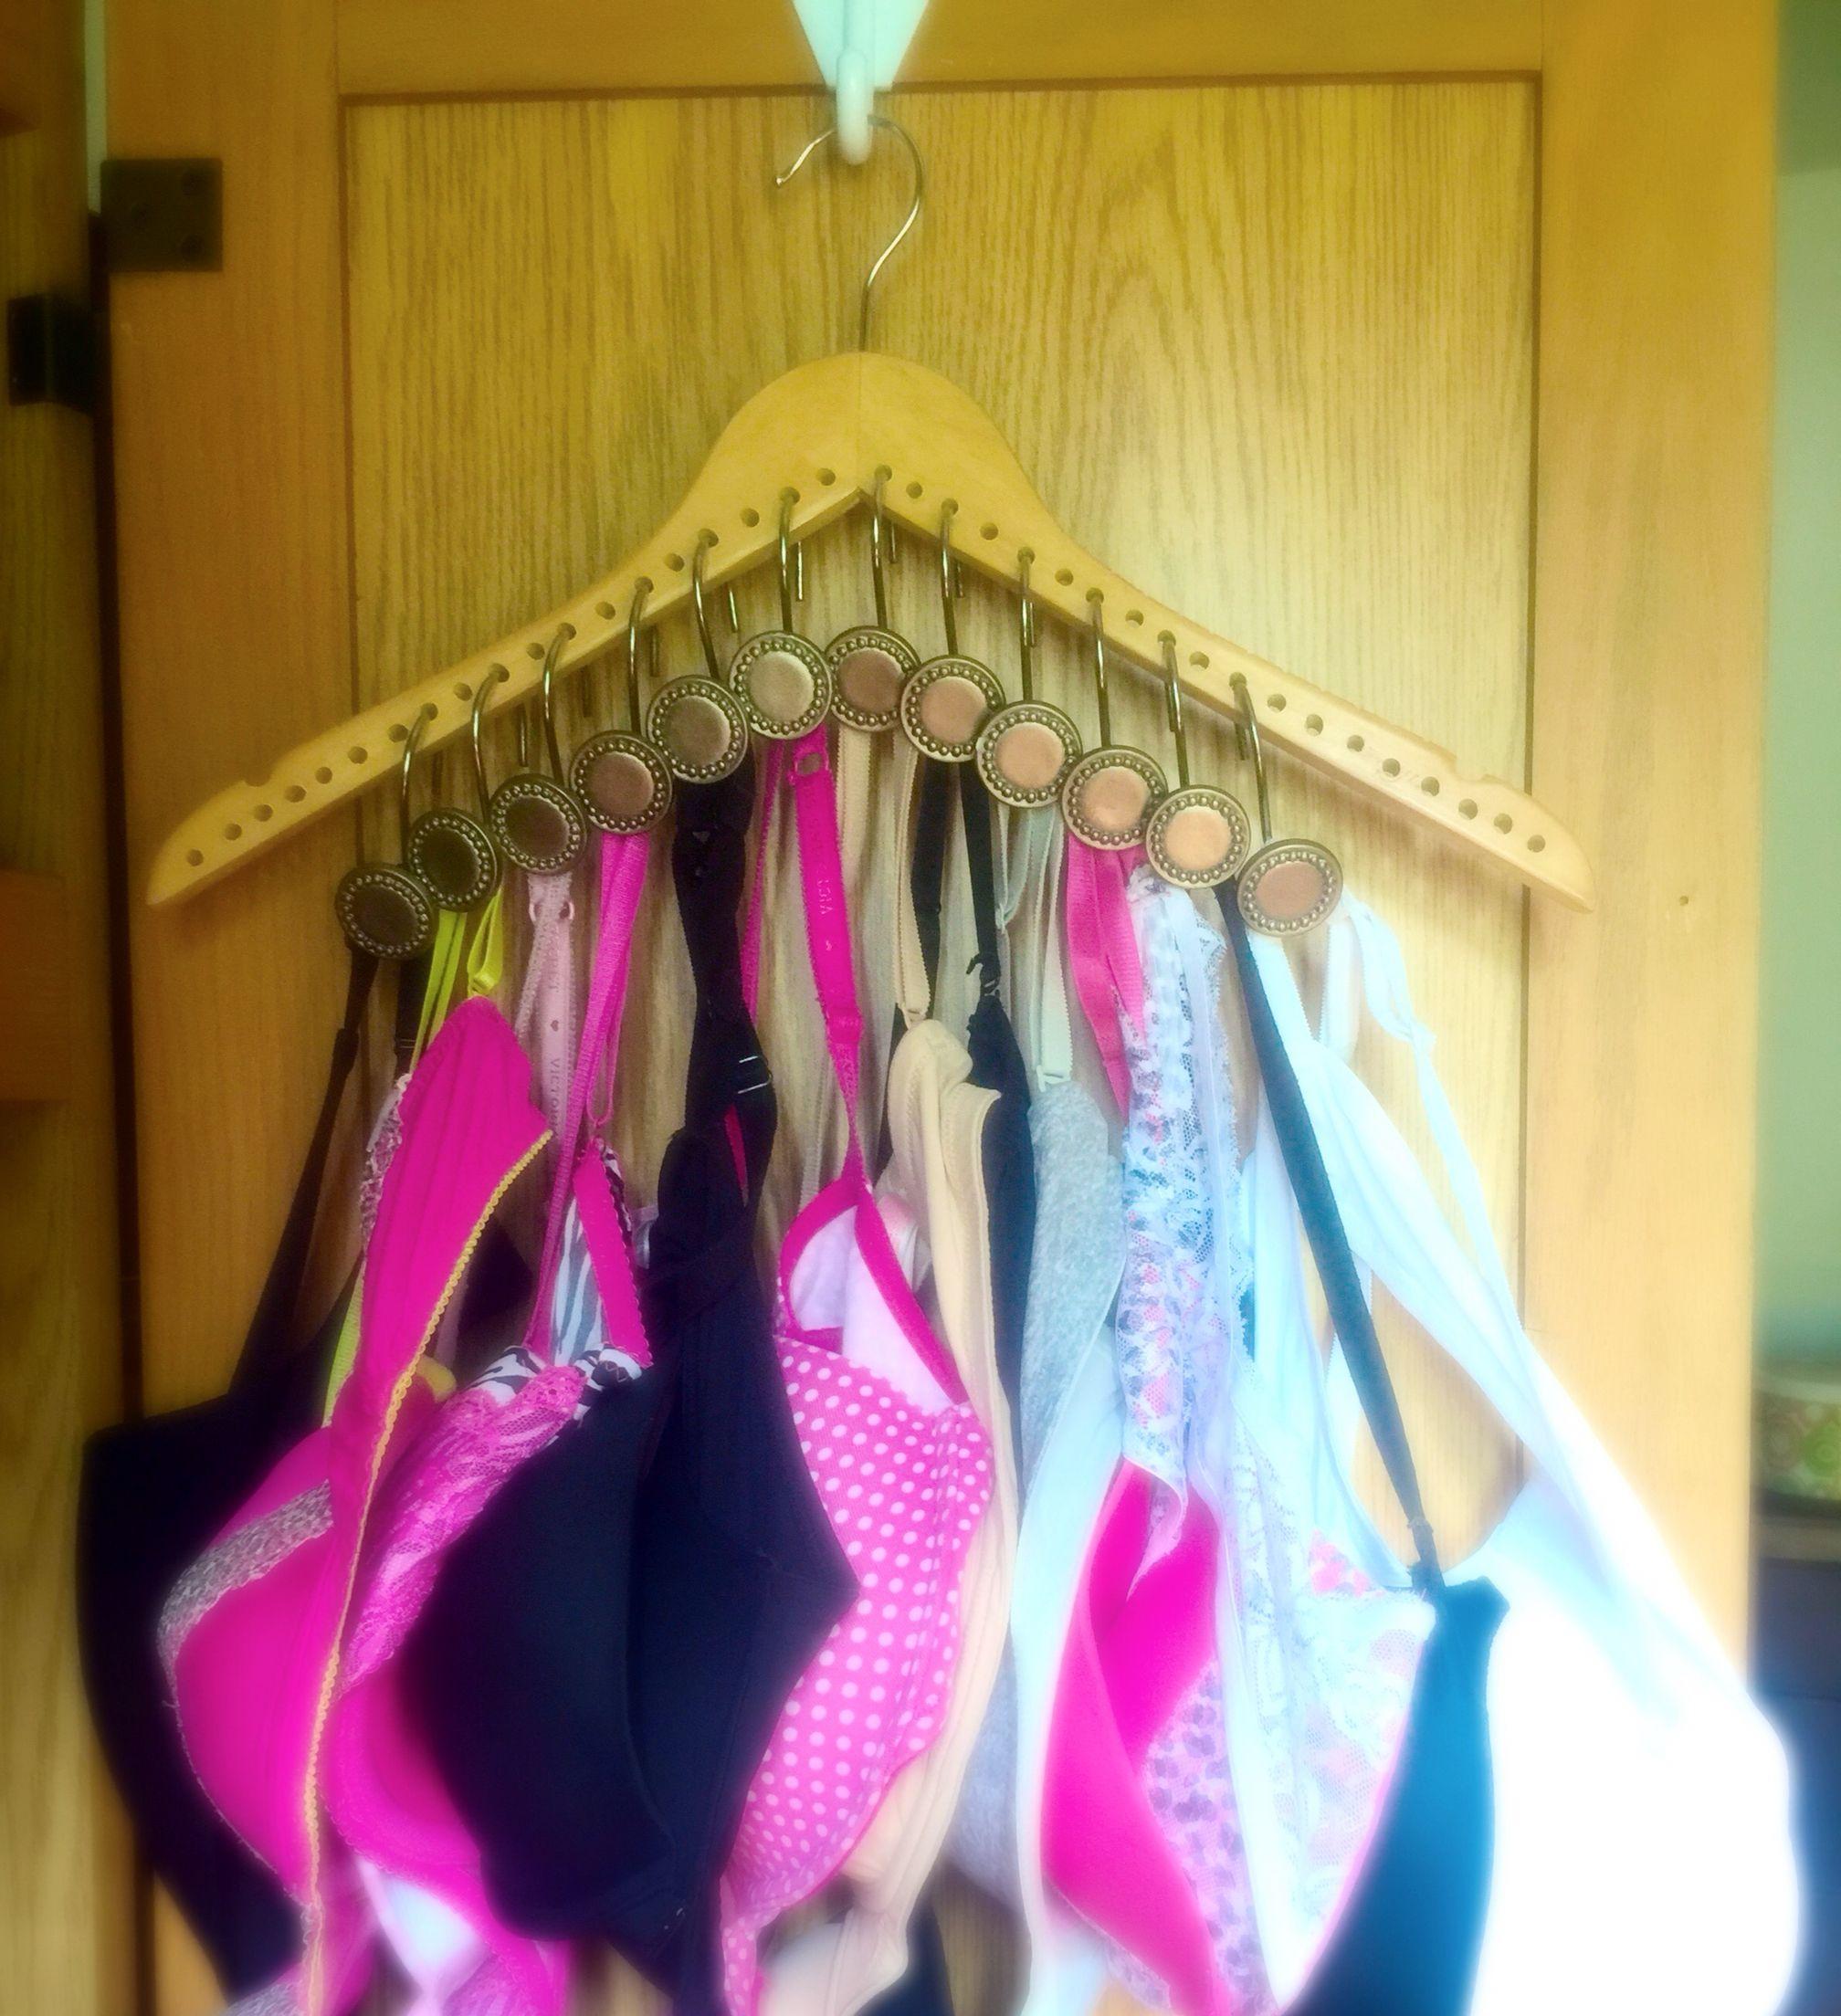 #Bras #Space Saver #Getyourdrawerback #Shower Hooks # Hanger #Diy **My